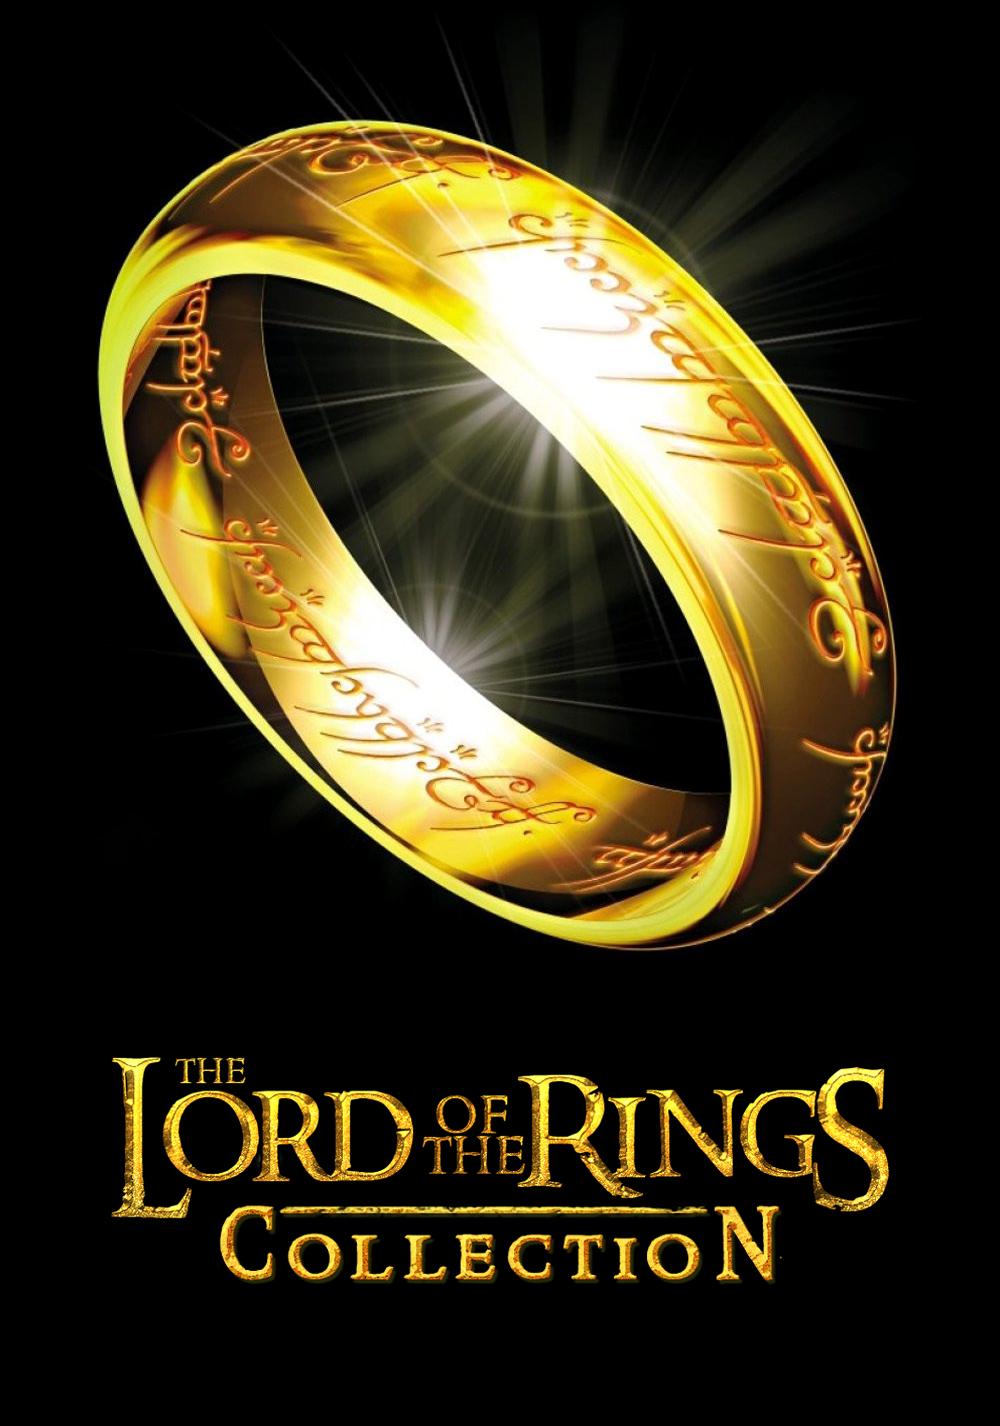 Lord rings movie